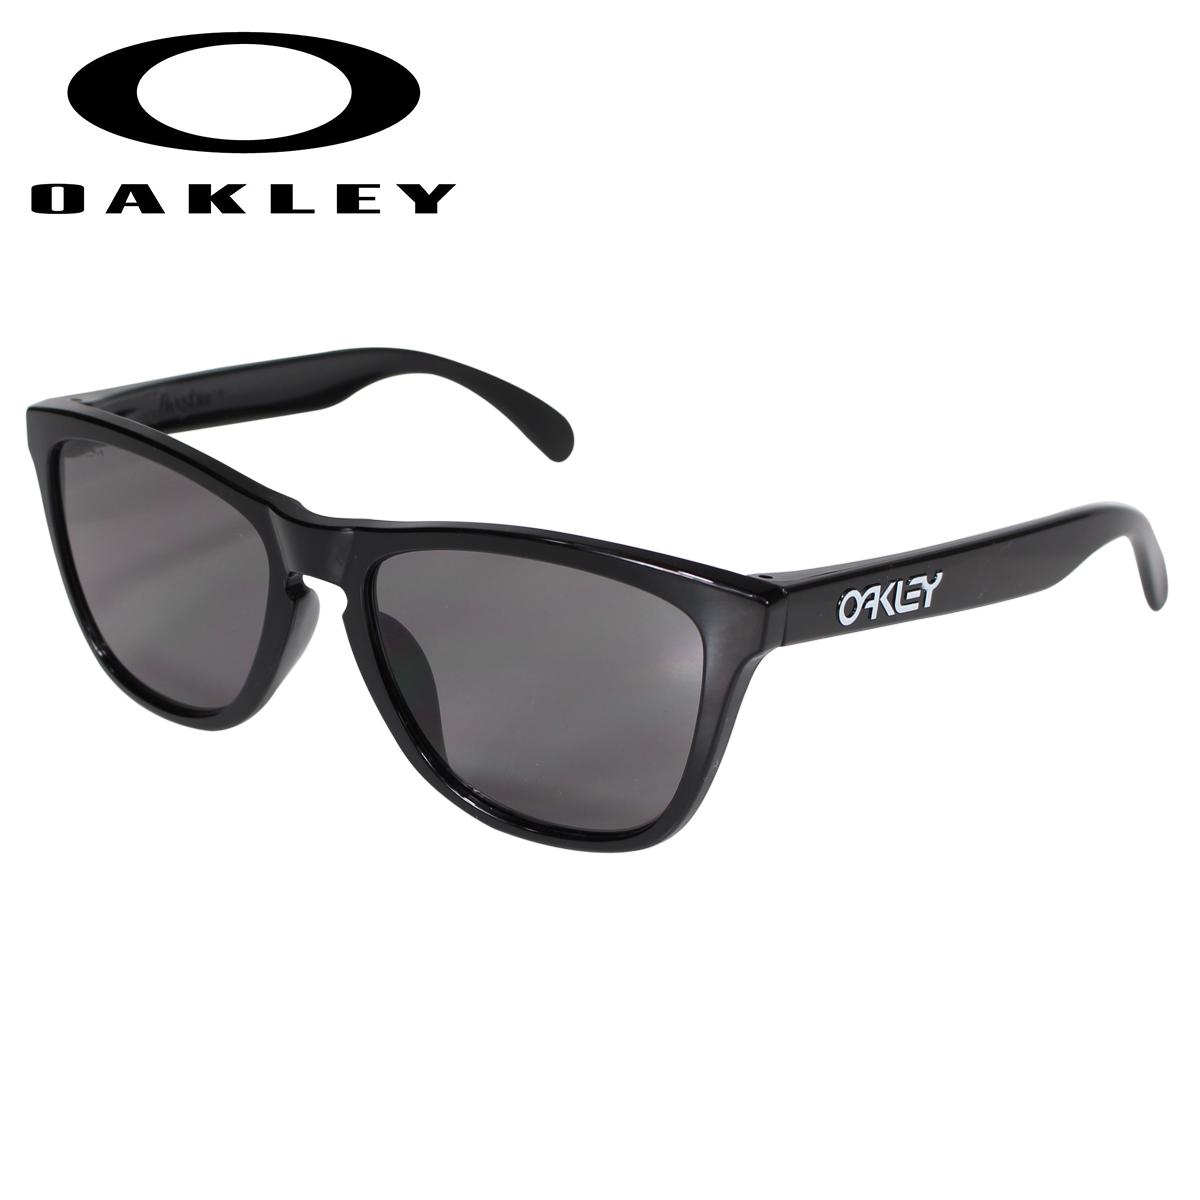 Oakley Frogskins オークリー サングラス フロッグスキン アジアンフィット メンズ レディース ASIA FIT ブラック OO9245-7554